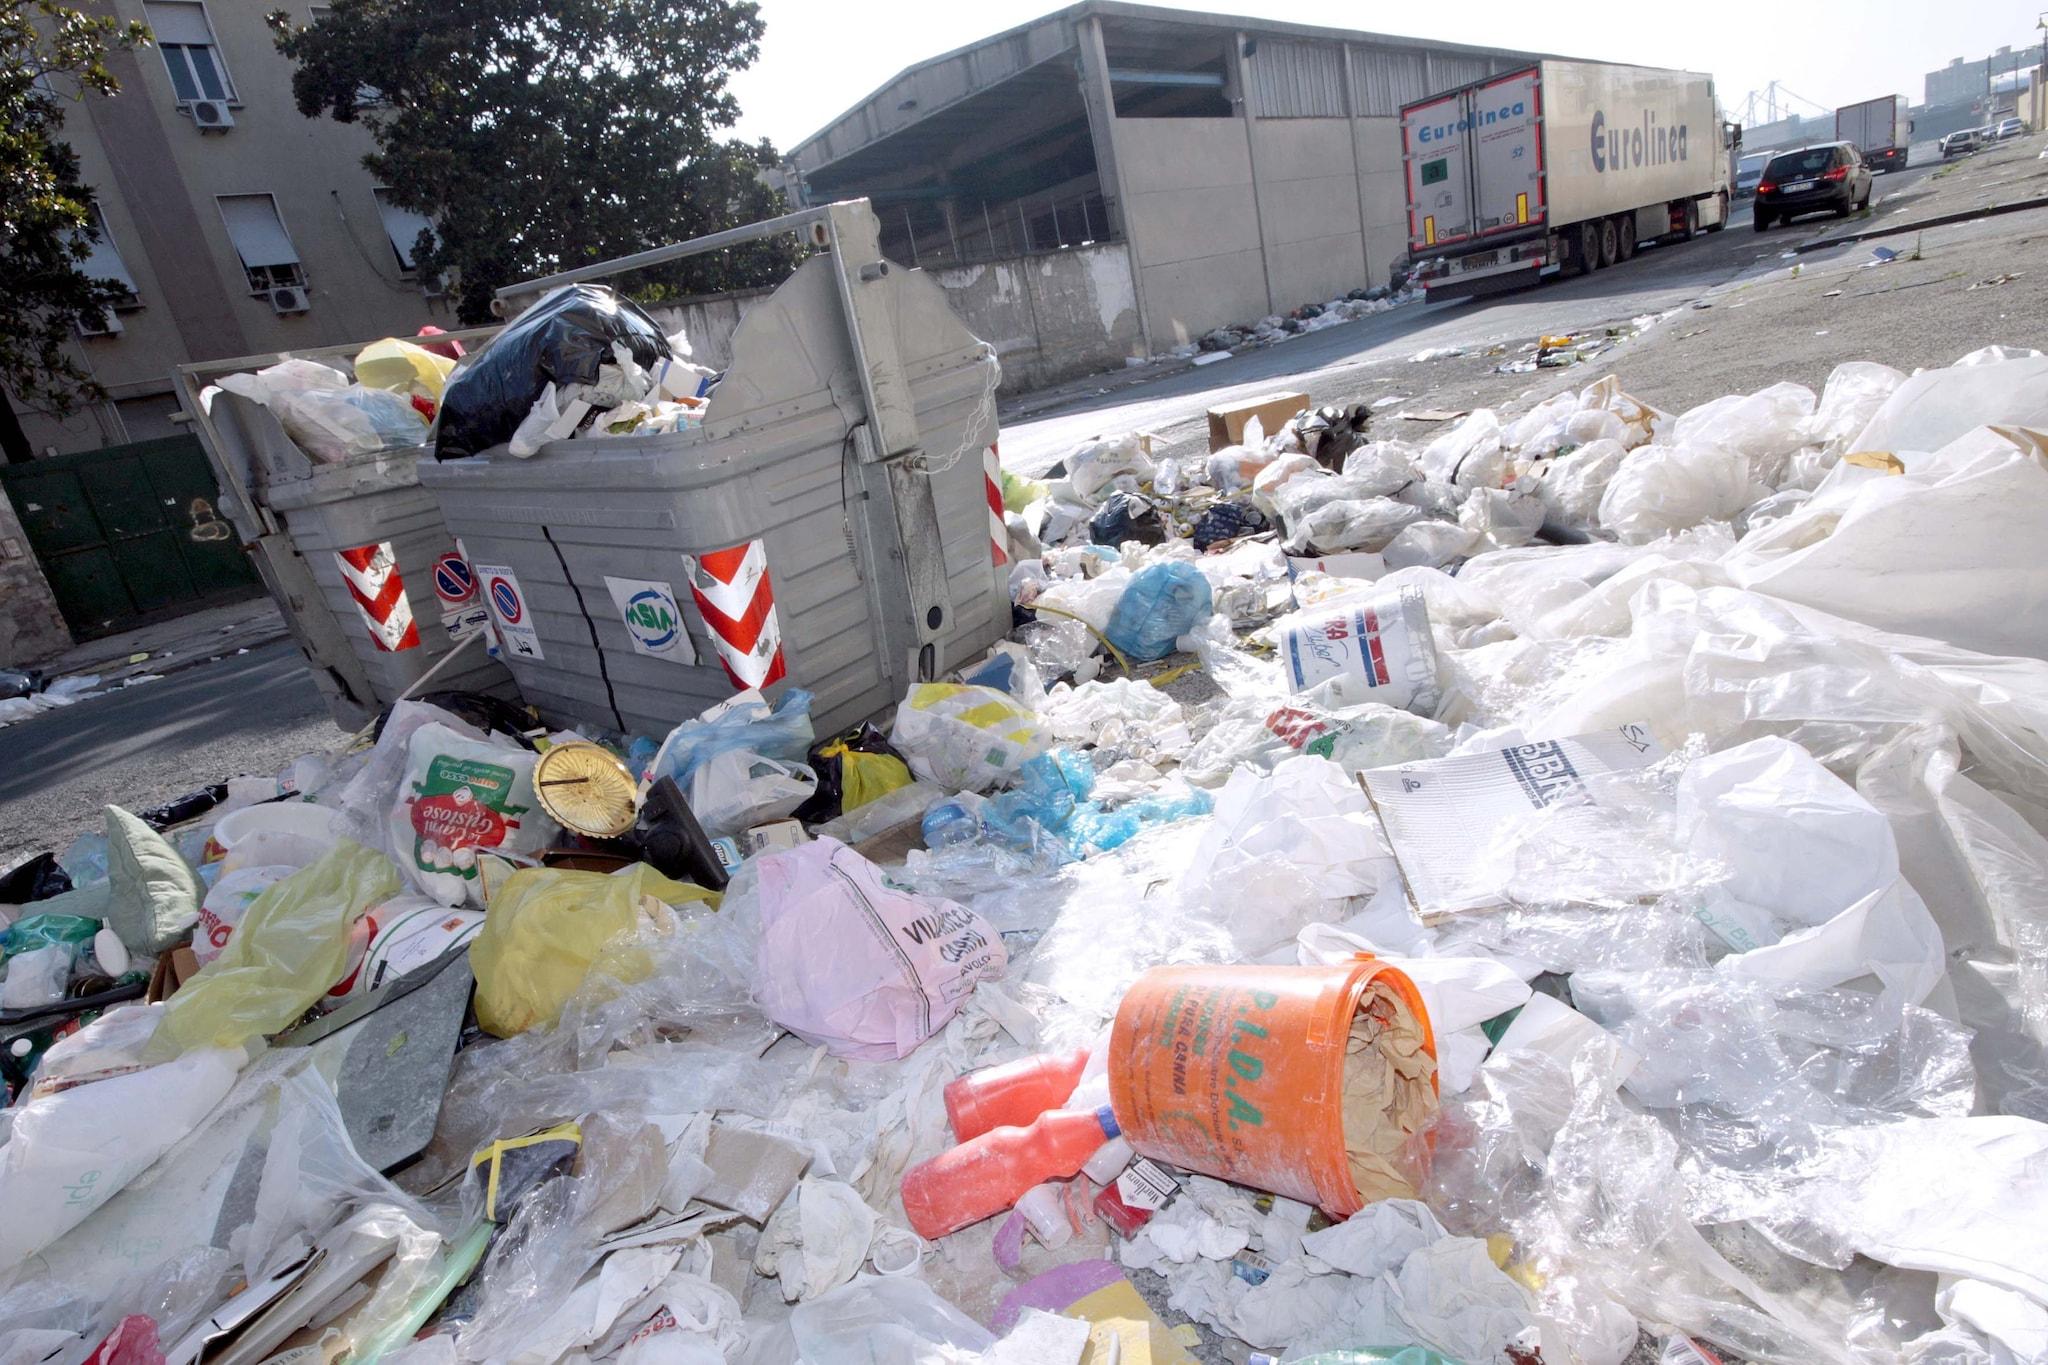 L'emergenza rifiuti a Napoli nel 2010